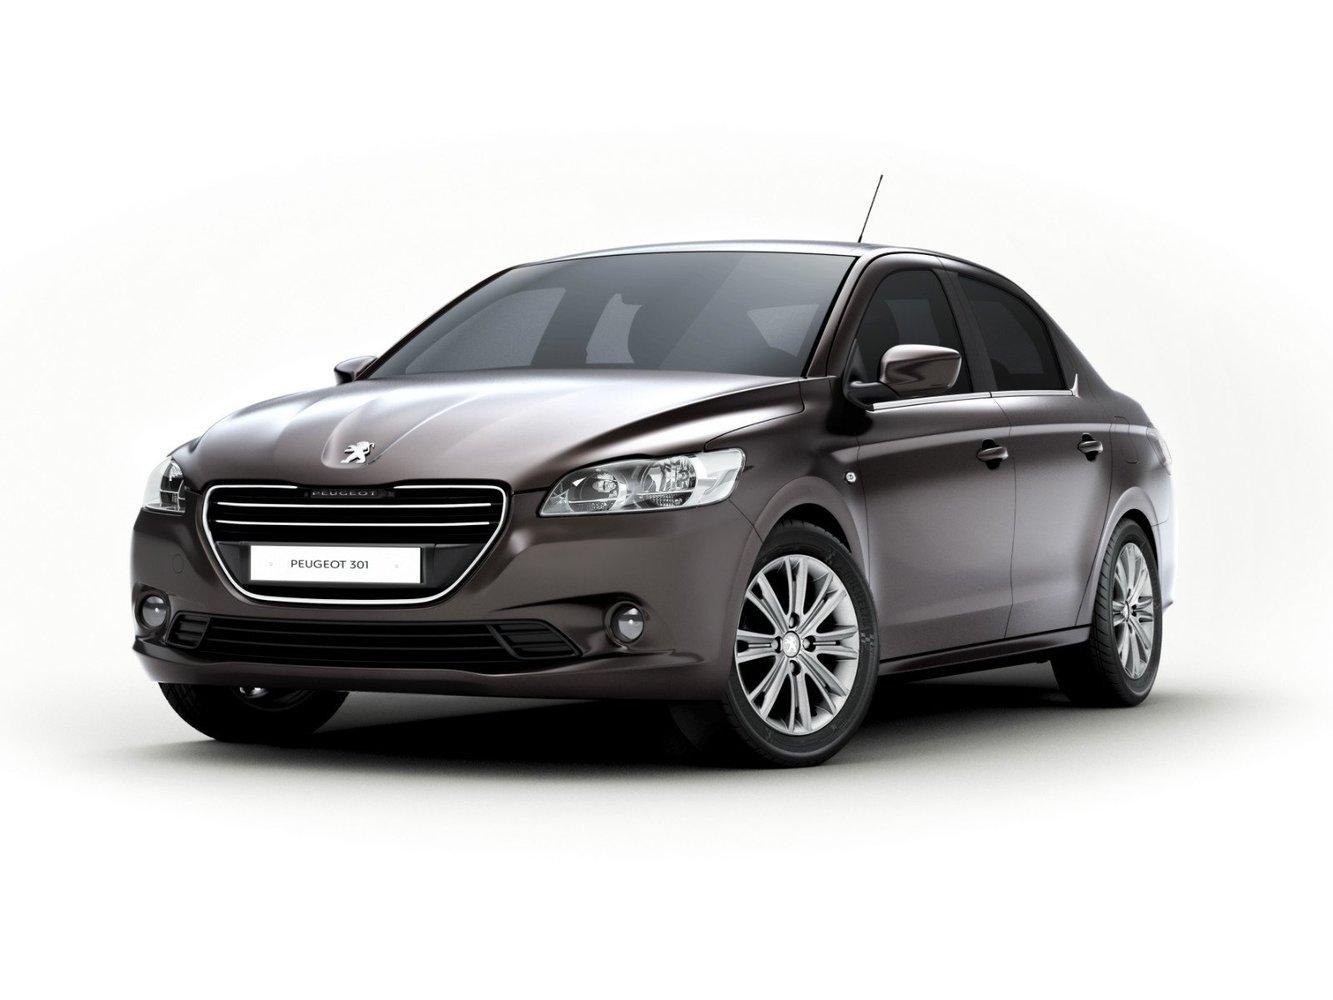 peugeot Peugeot 301